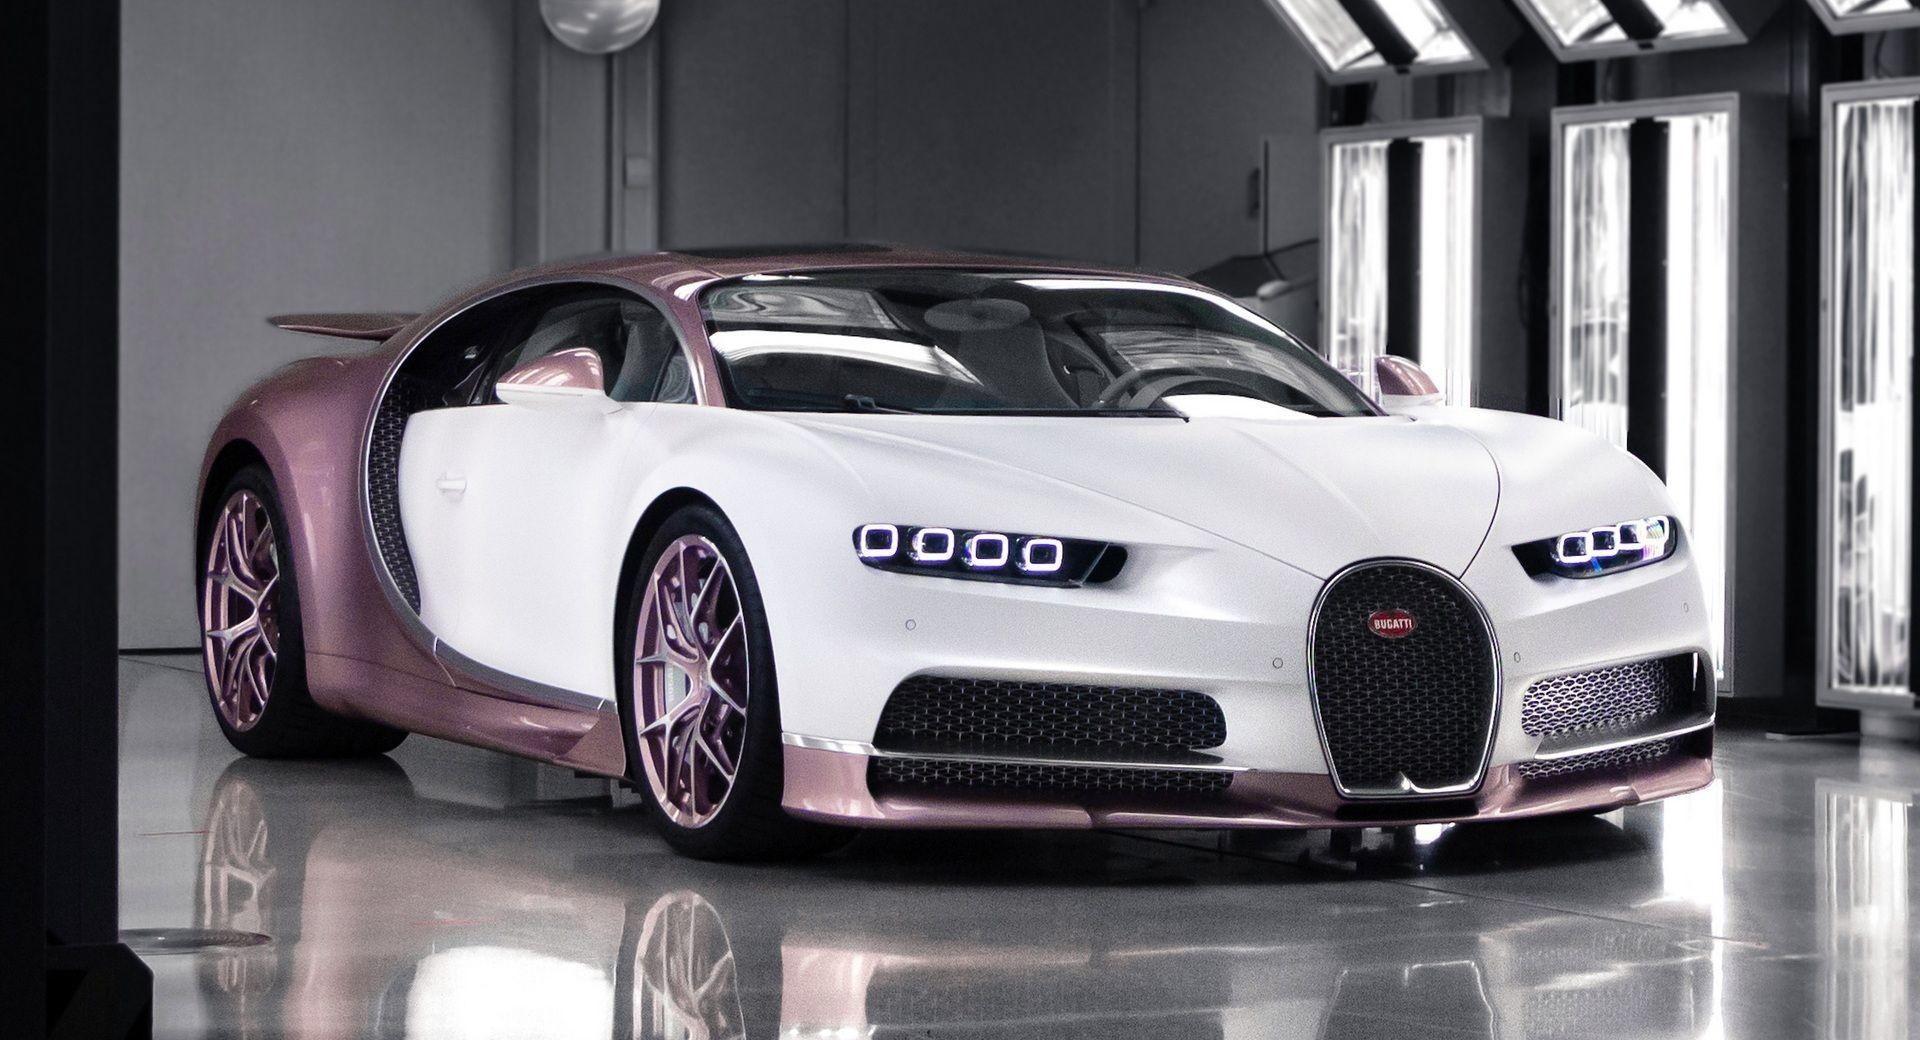 Британец заказал эксклюзивный Bugatti Chiron для своей супруги